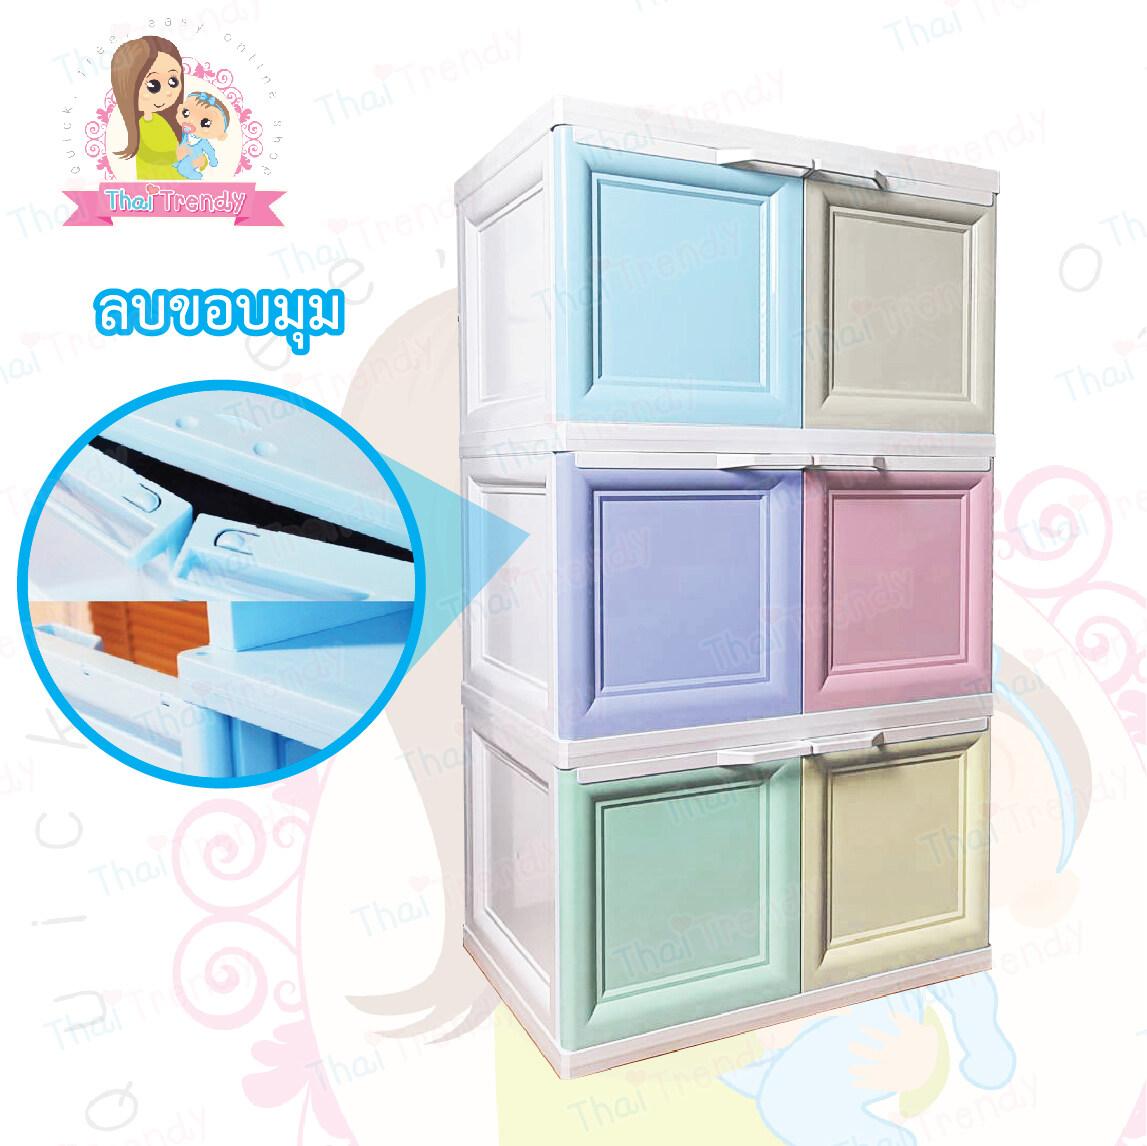 รีวิว Thaitrendy (VDO รีวิว) ตู้บานเปิดขนาดใหญ่ ตู้เก็บของเอนกประสงค์ แข็งแรง พลาสติกลบขอบมุม